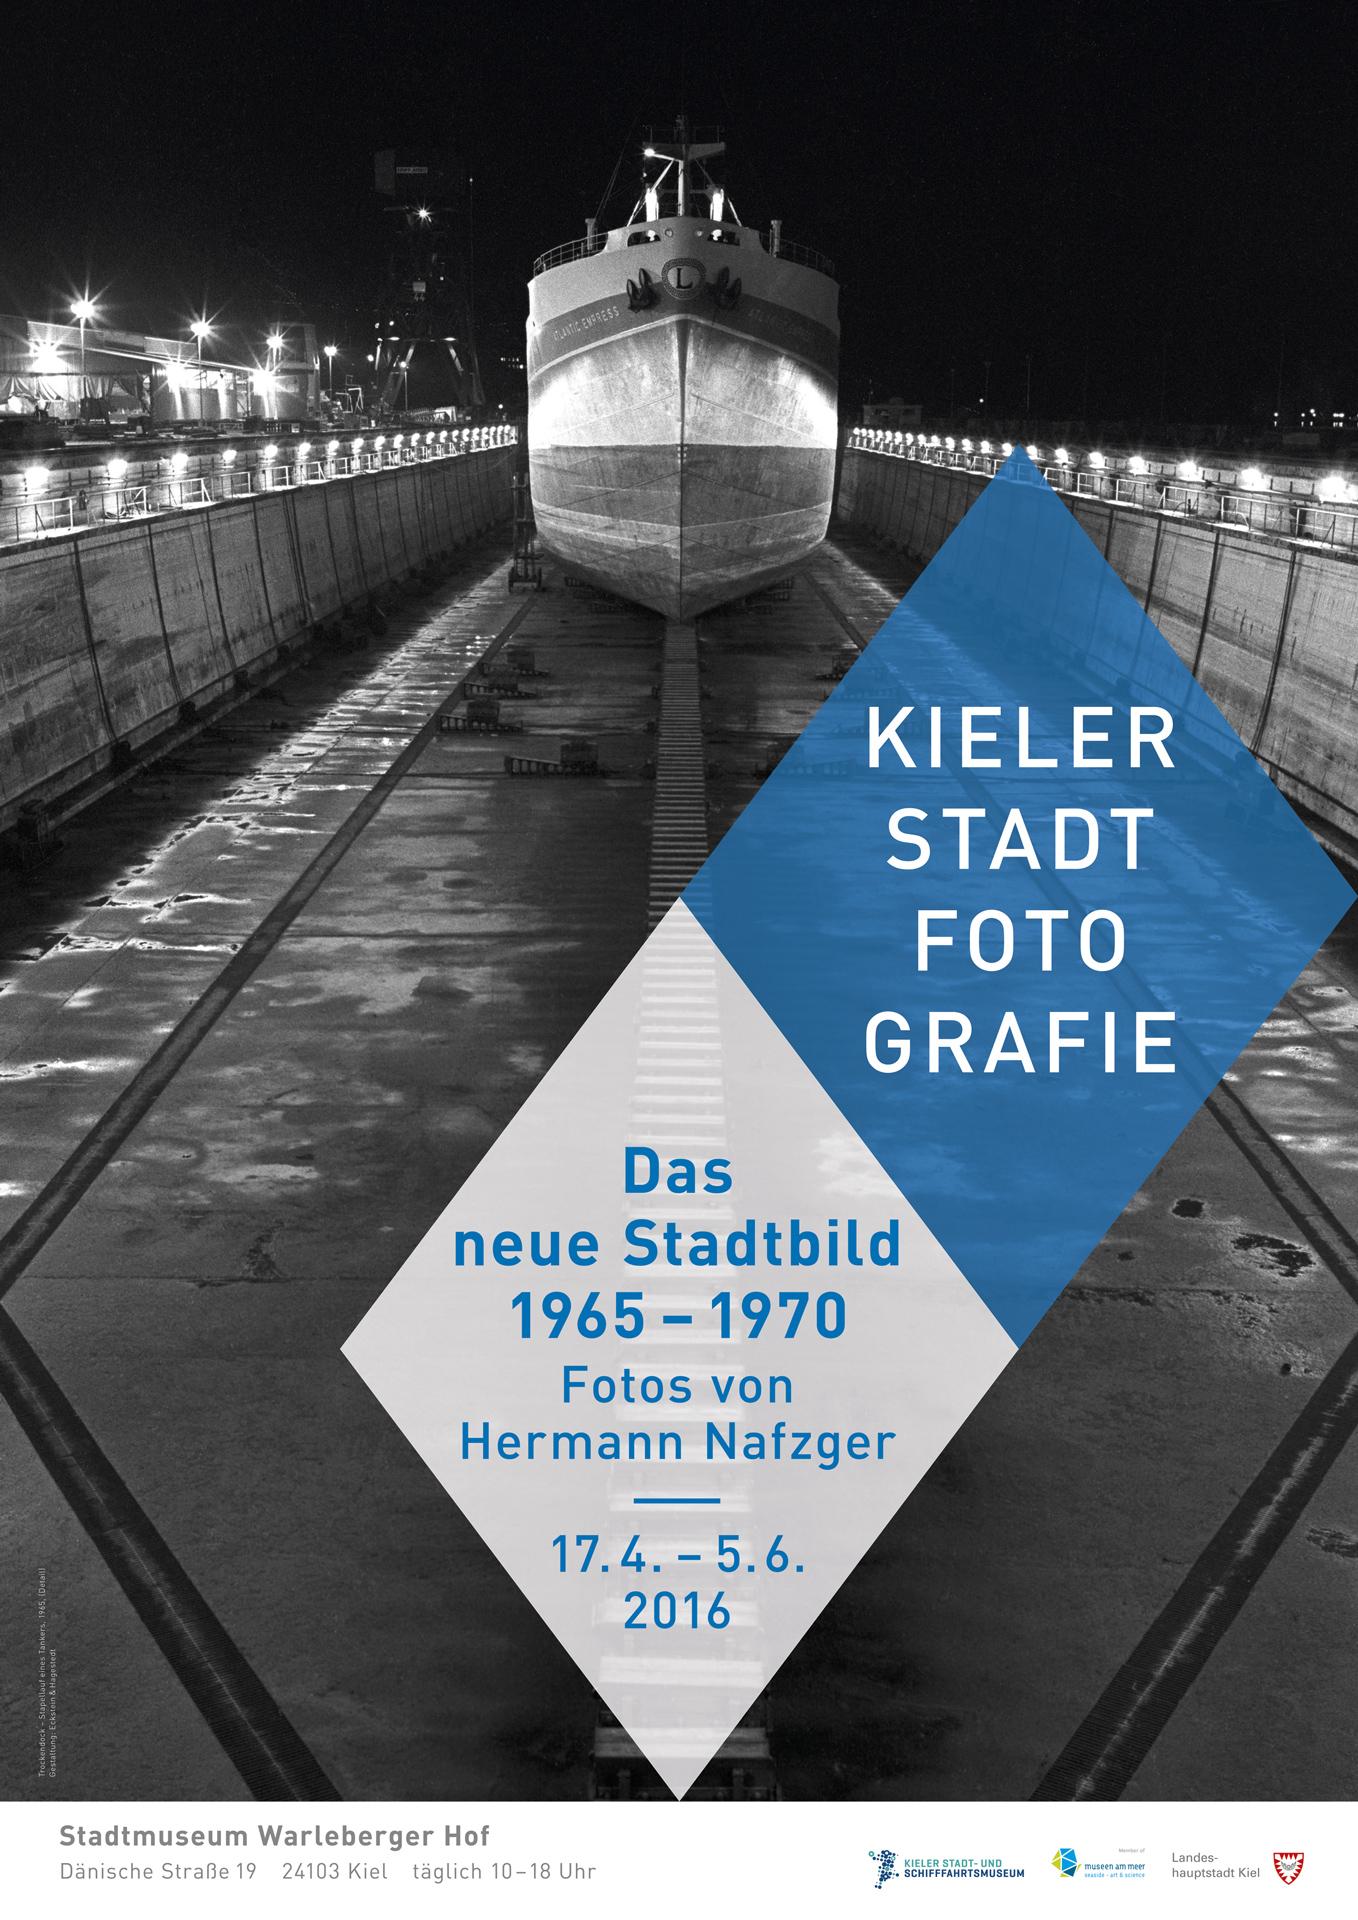 Stadtfotografie_Poster_2